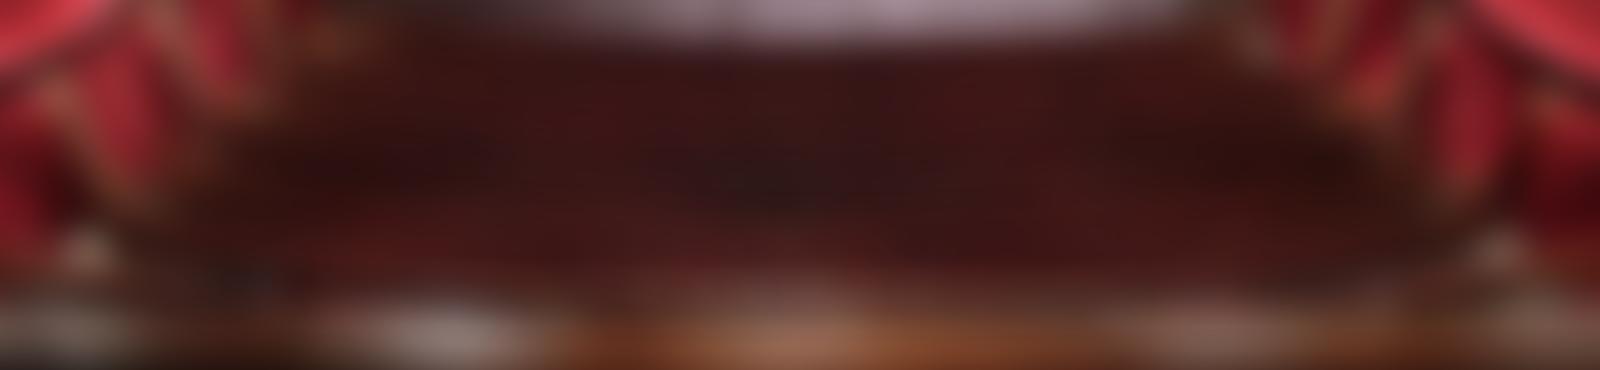 Blurred 80a34f5e bf61 4bbd a789 53e9f0c80f99